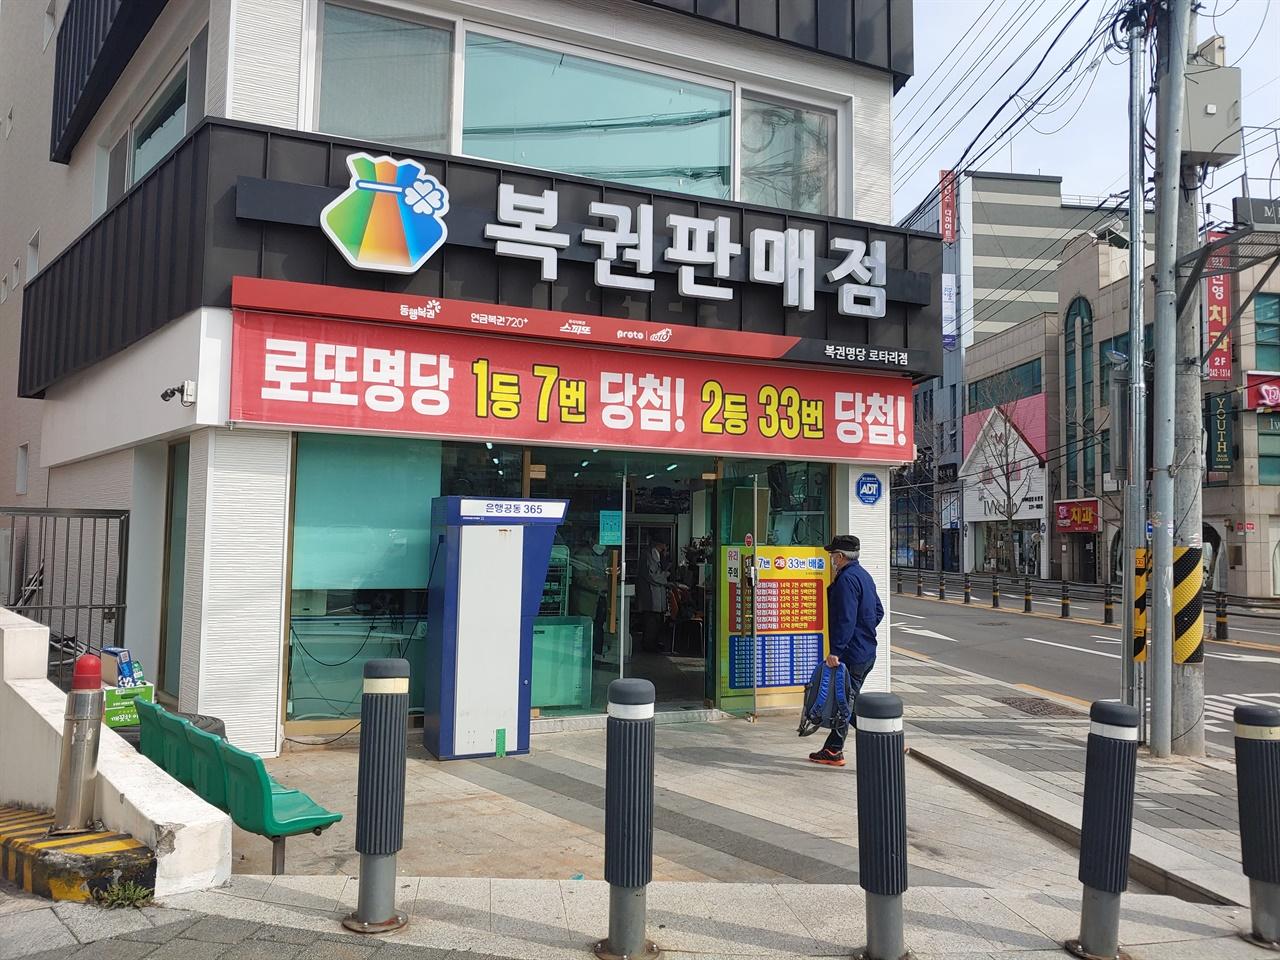 '포항의 로또 명당'으로 불리는 육거리 로또복권 판매점.